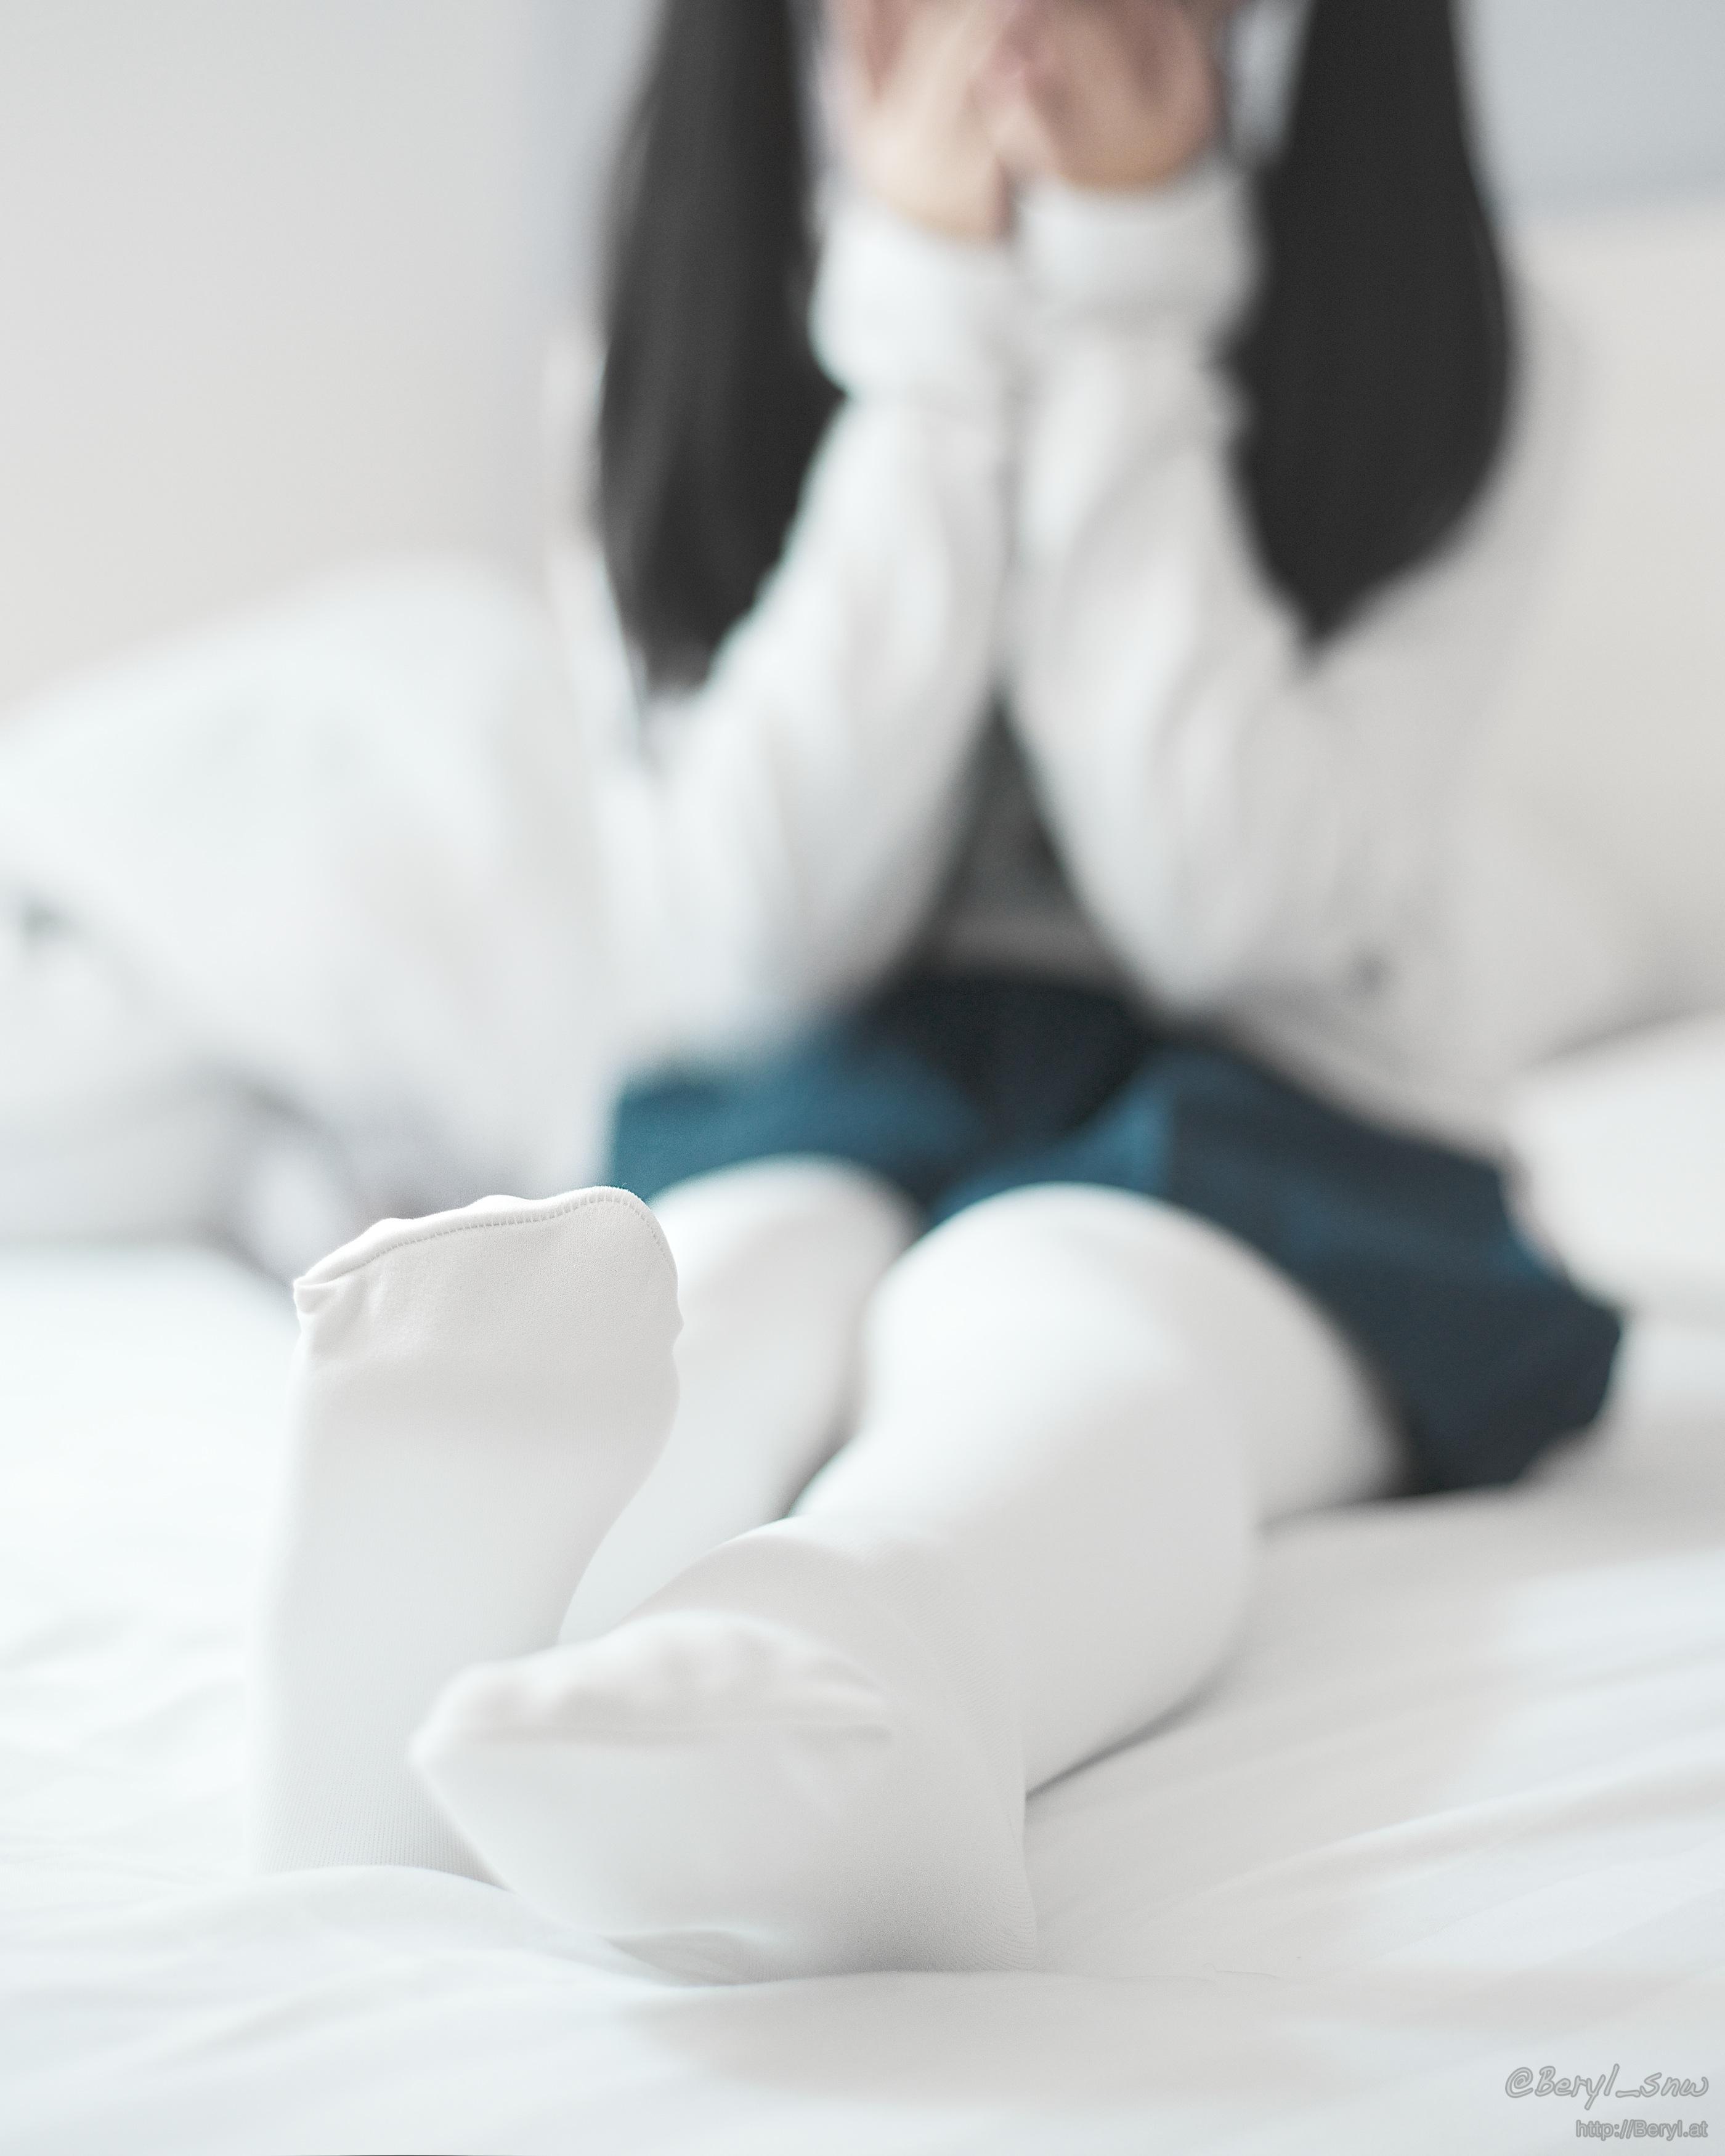 Kostenlose foto : Hand, Winter, Licht, Mädchen, Weiß, warm, Füße ...